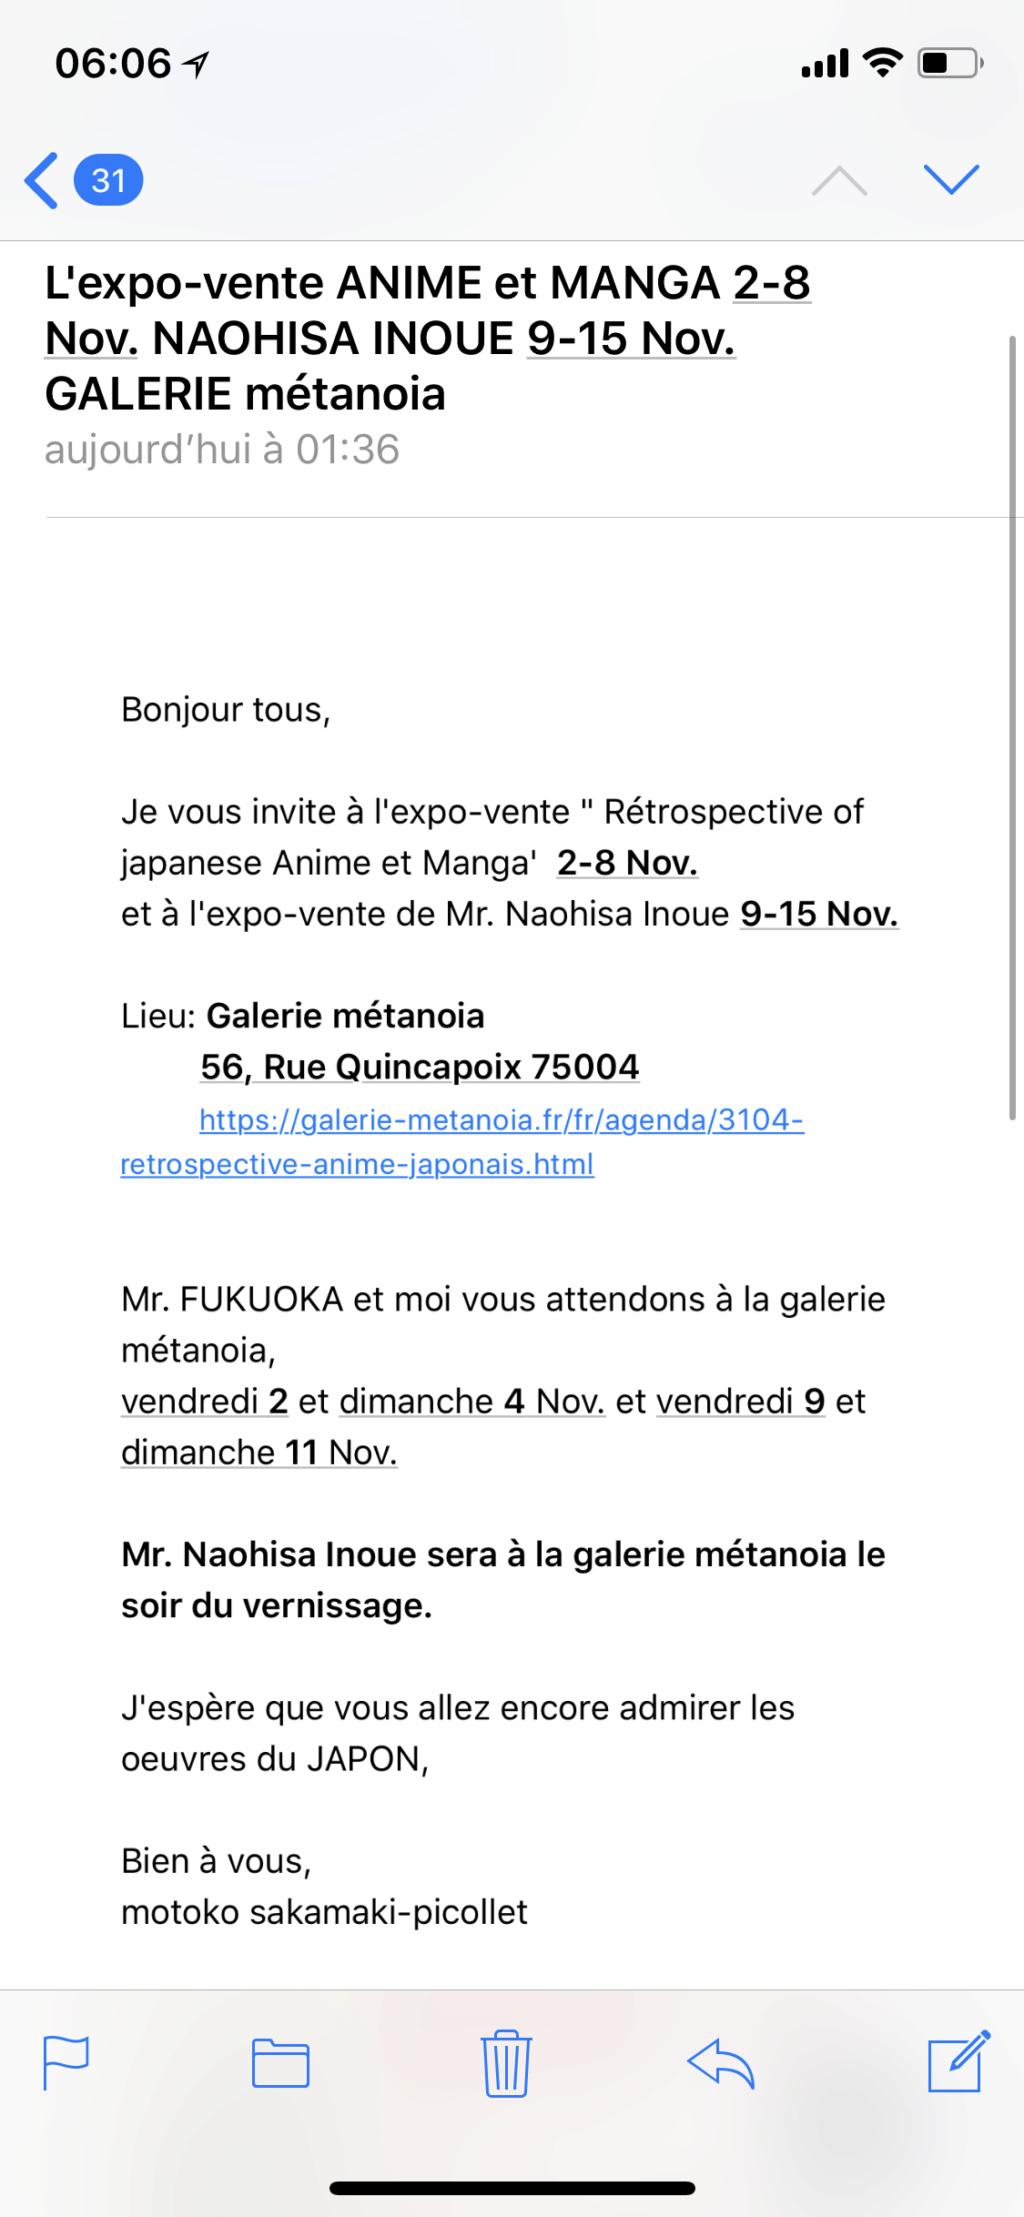 Expo vente Anime et manga 2-8 nov. Naohisa Inoue 9-15 nov galerie métanoia Img_2310